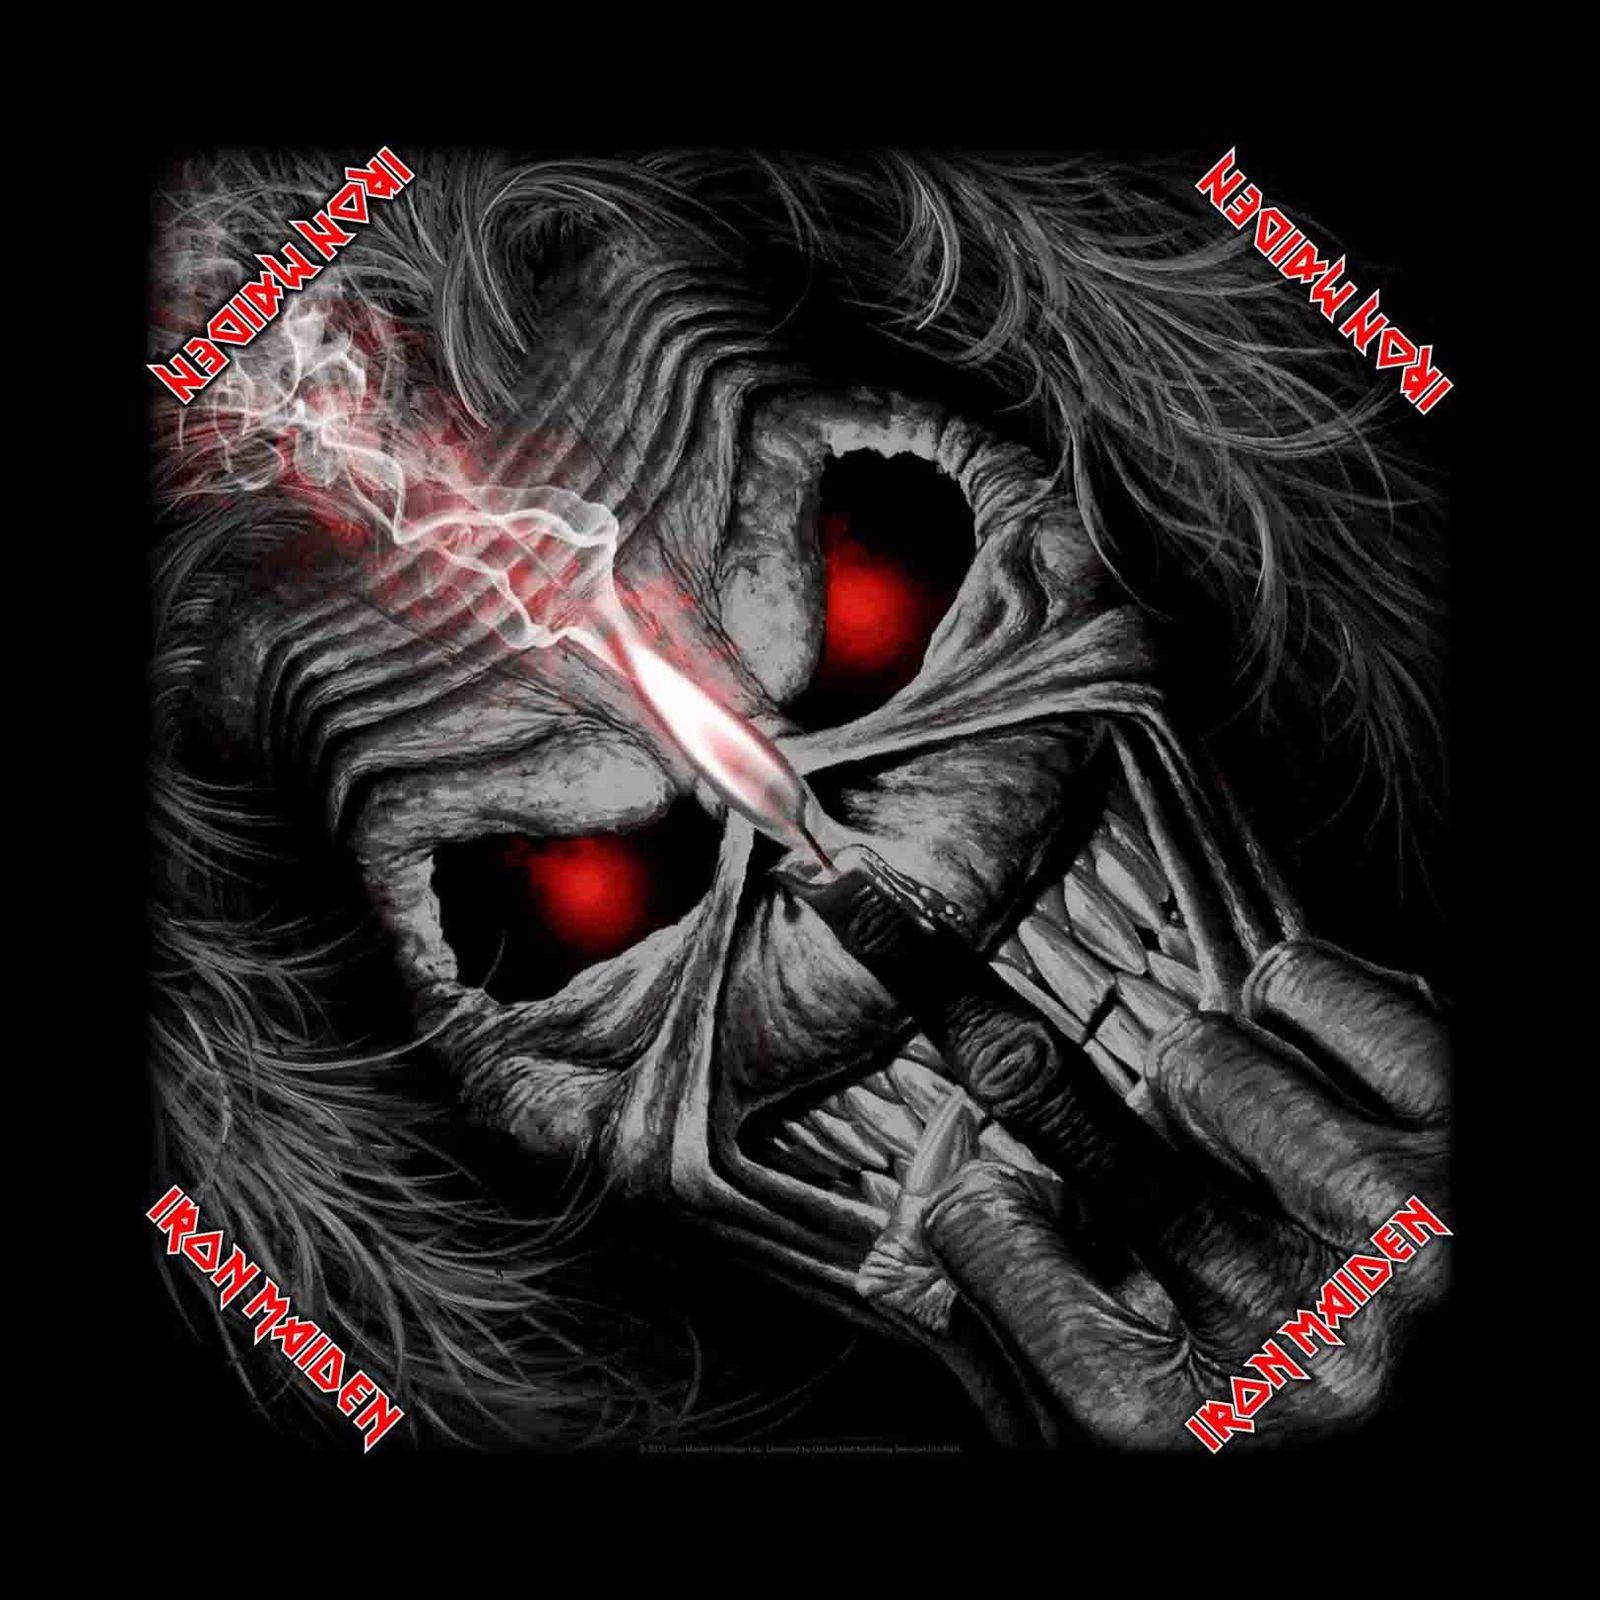 Iron Maiden Eddie | Iron Maiden Eddie Candle Finger Bandana